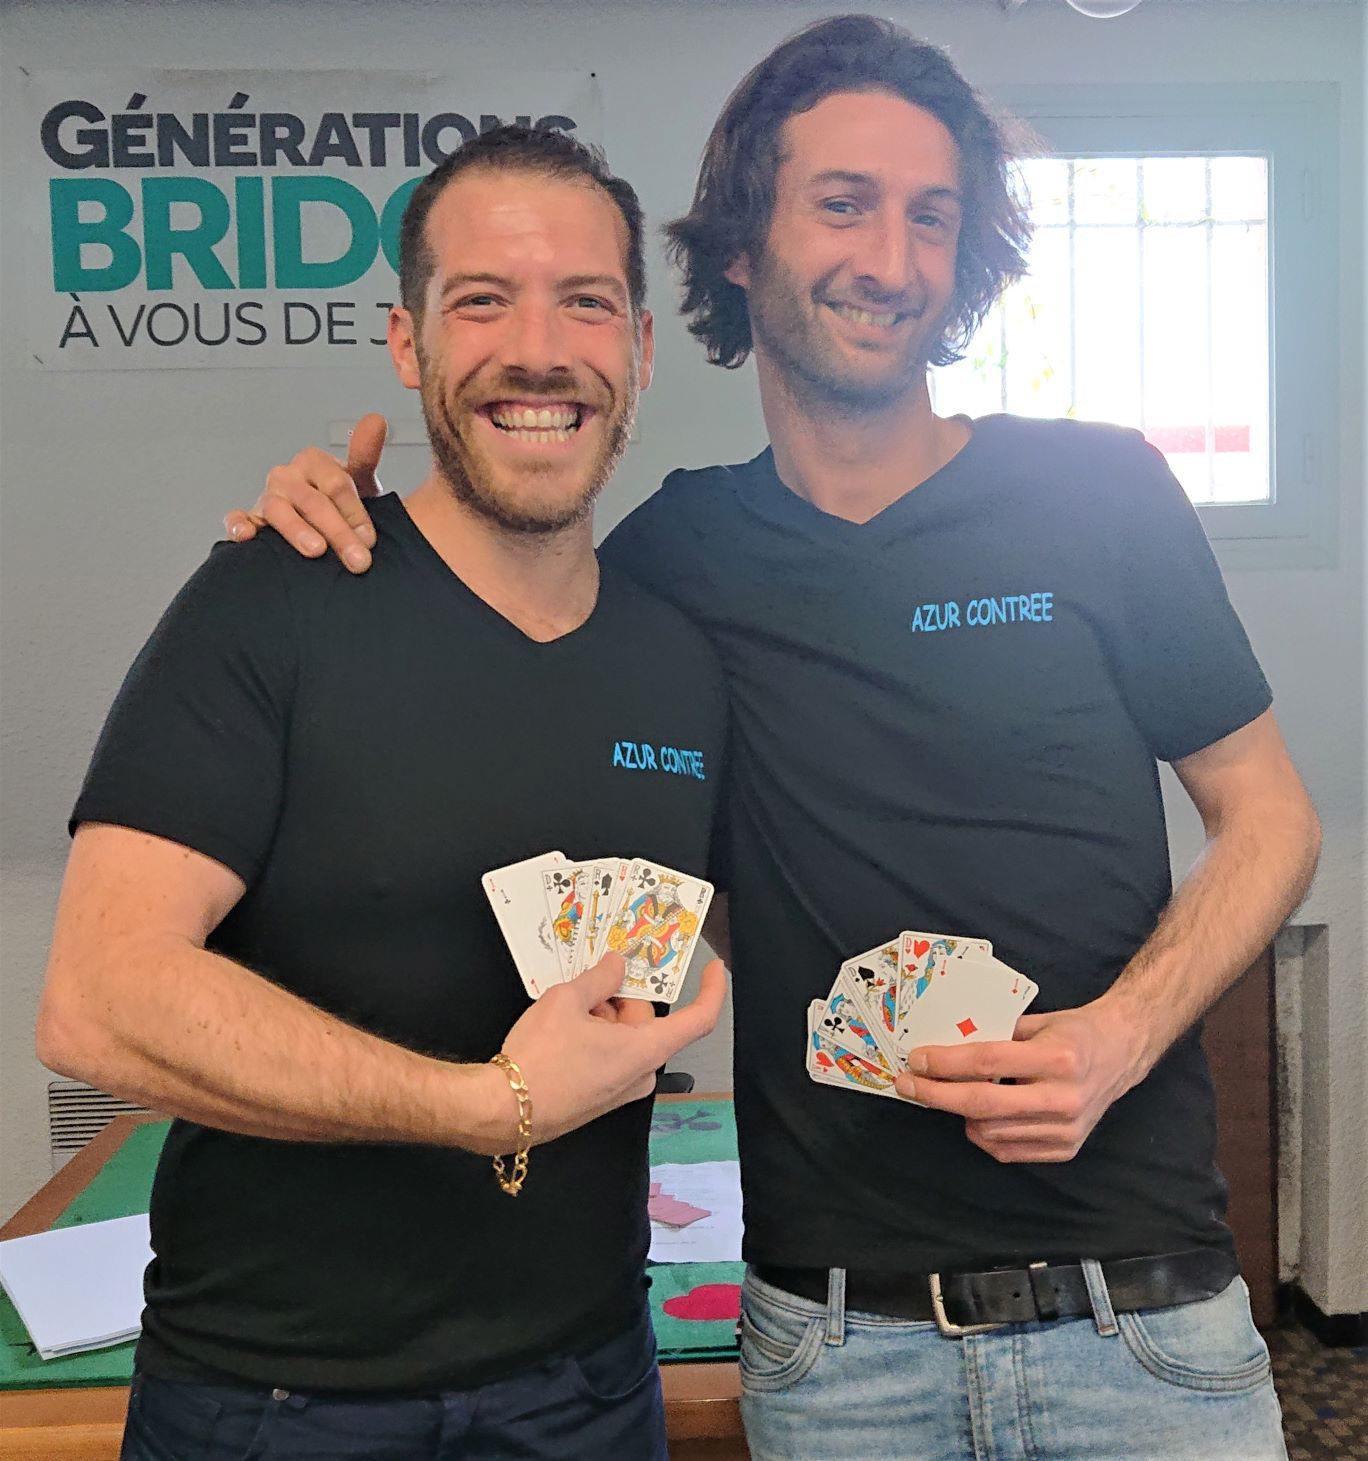 Les deux Thibault de l'association Azur Contrée propageaient leur bonne humeur à tout-va lors !